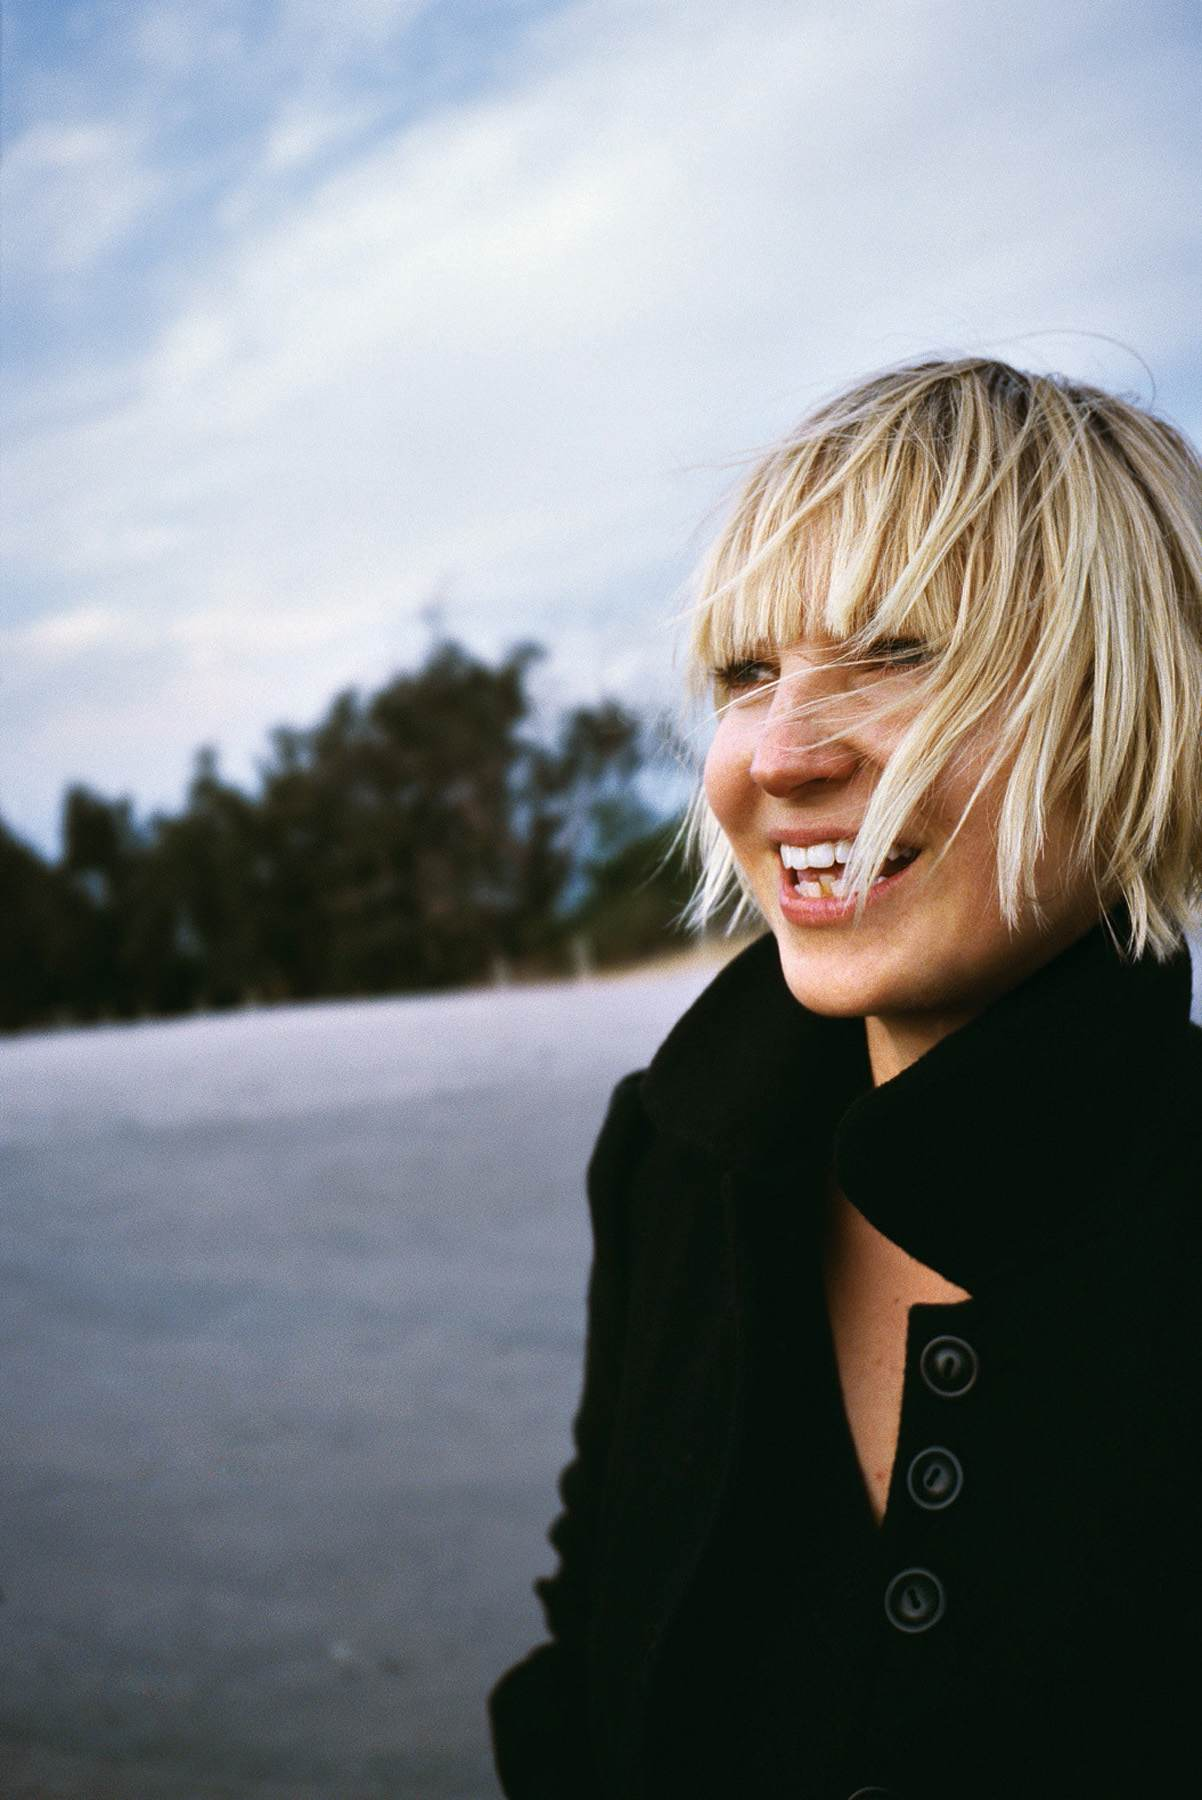 Sia Furler Wallpaper